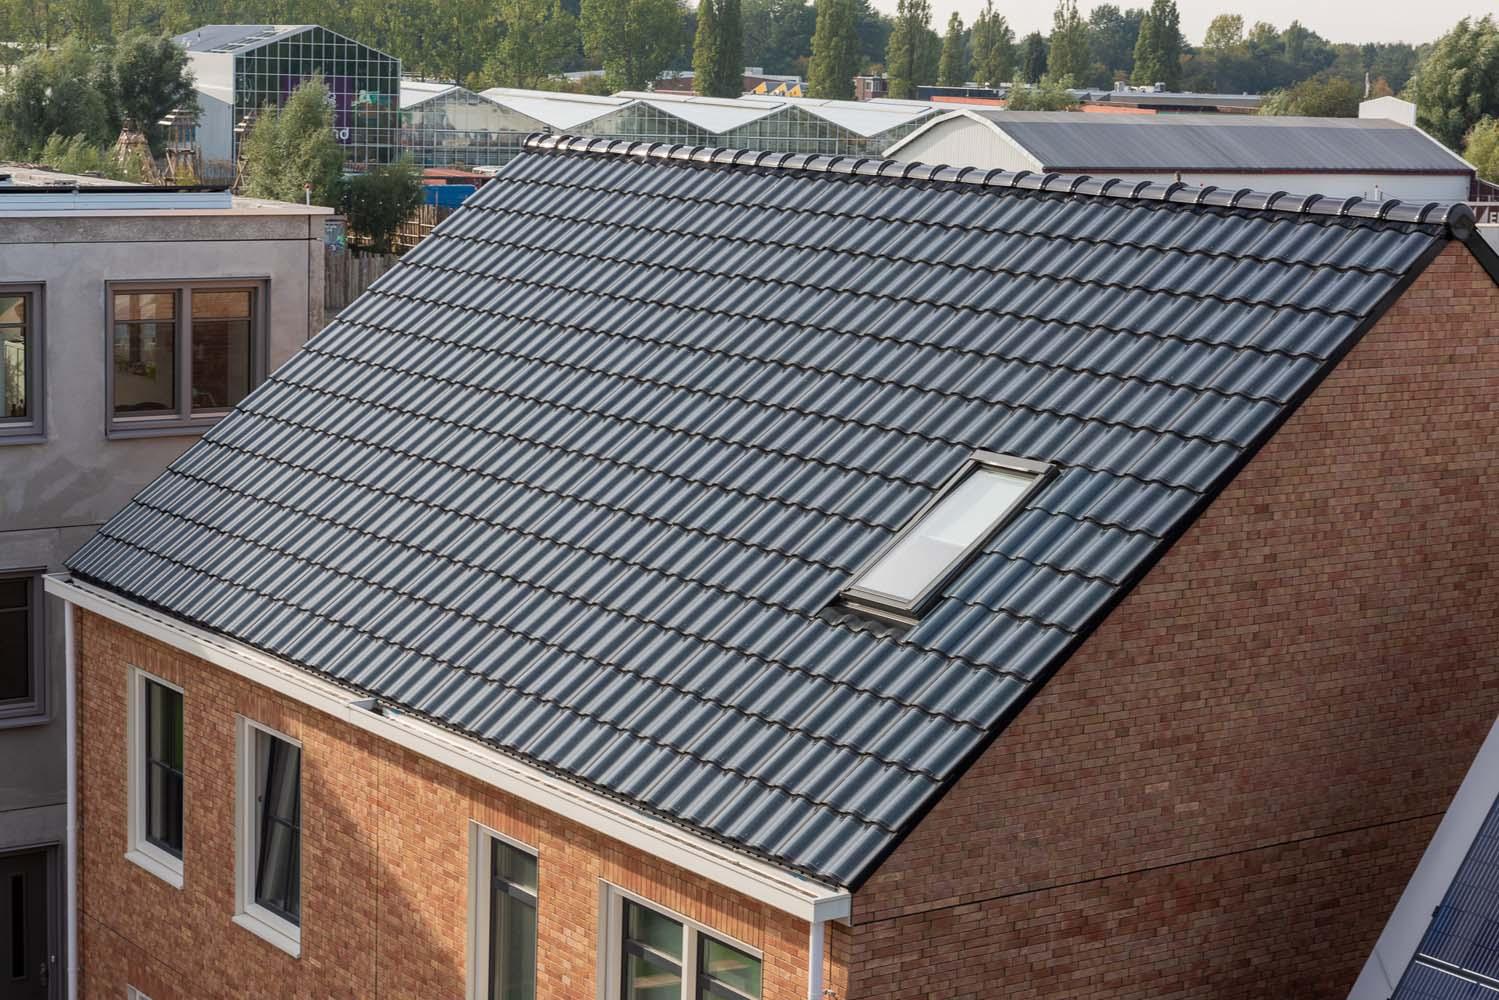 Dak van een twee-onder-een-kap woning met dakpannen van zonnepanelen op de loskade